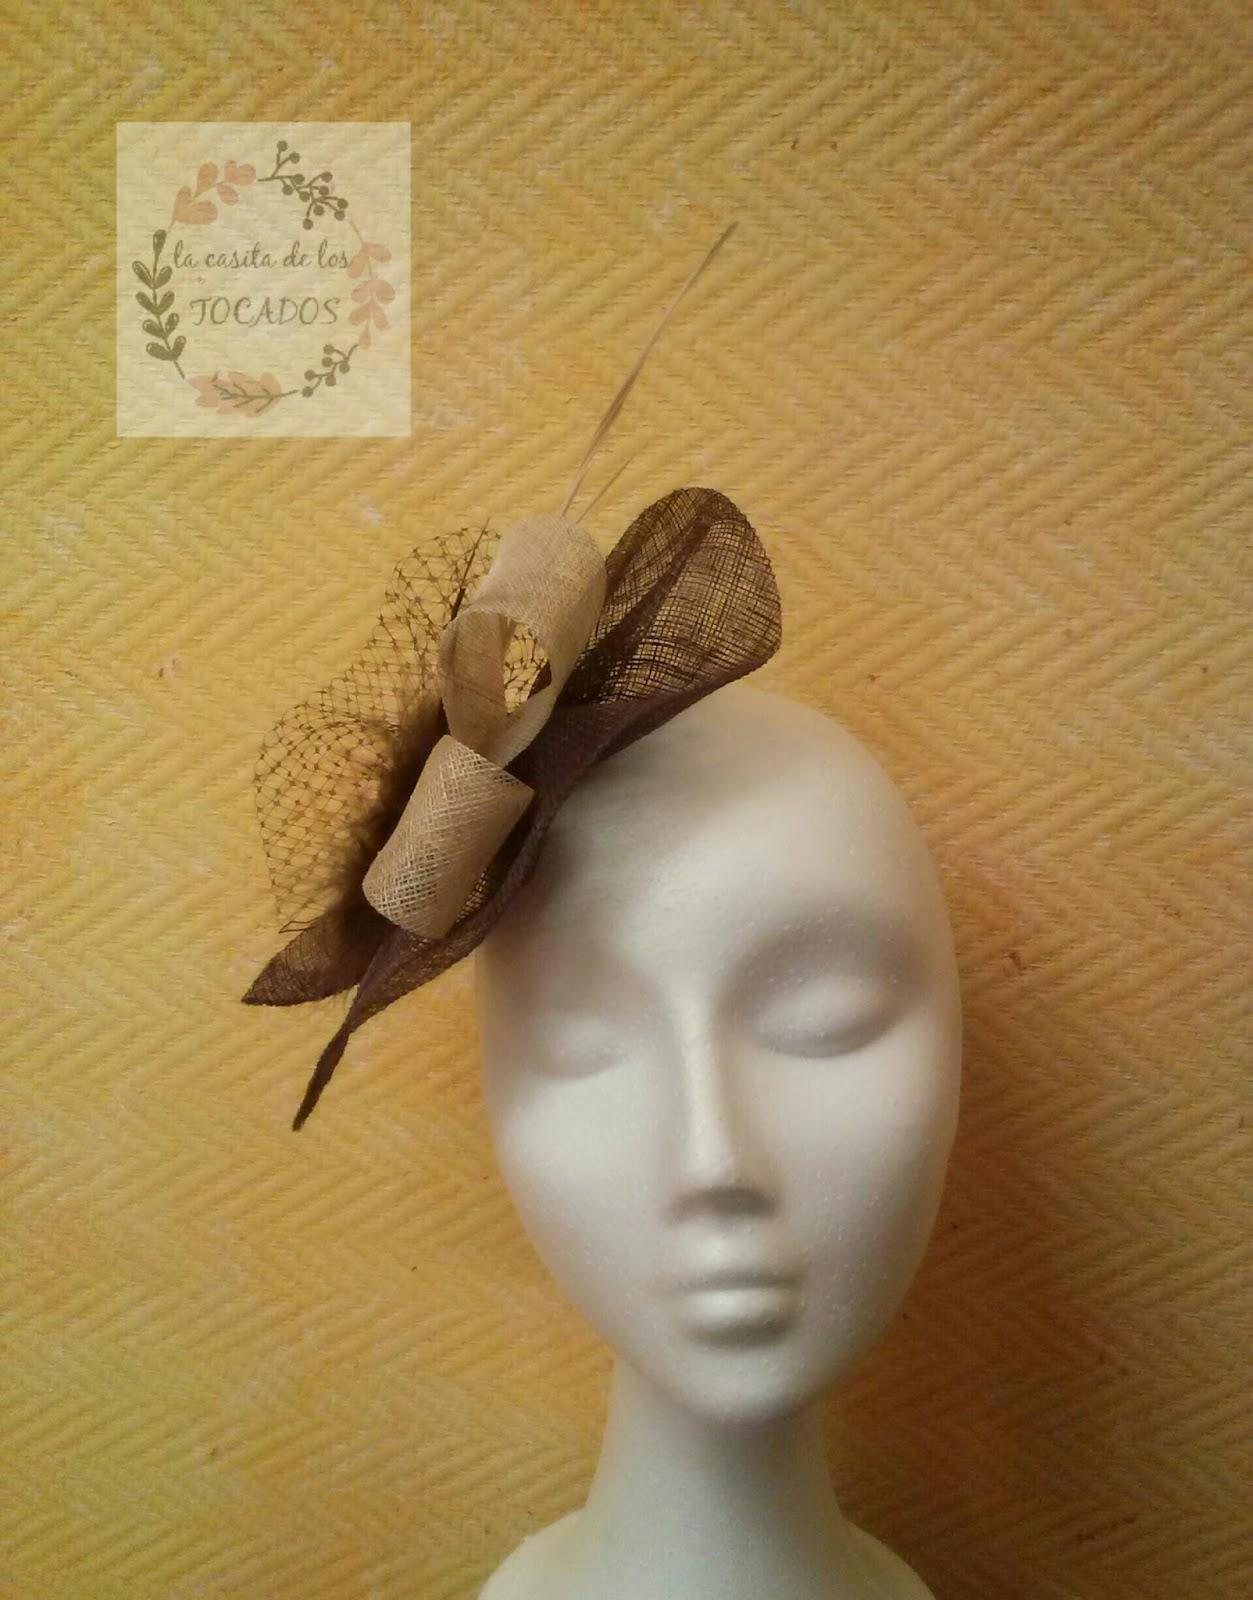 tocado de sinamay en color marrón, combinado con beige, con plumas variadas, incluido marabu y velo